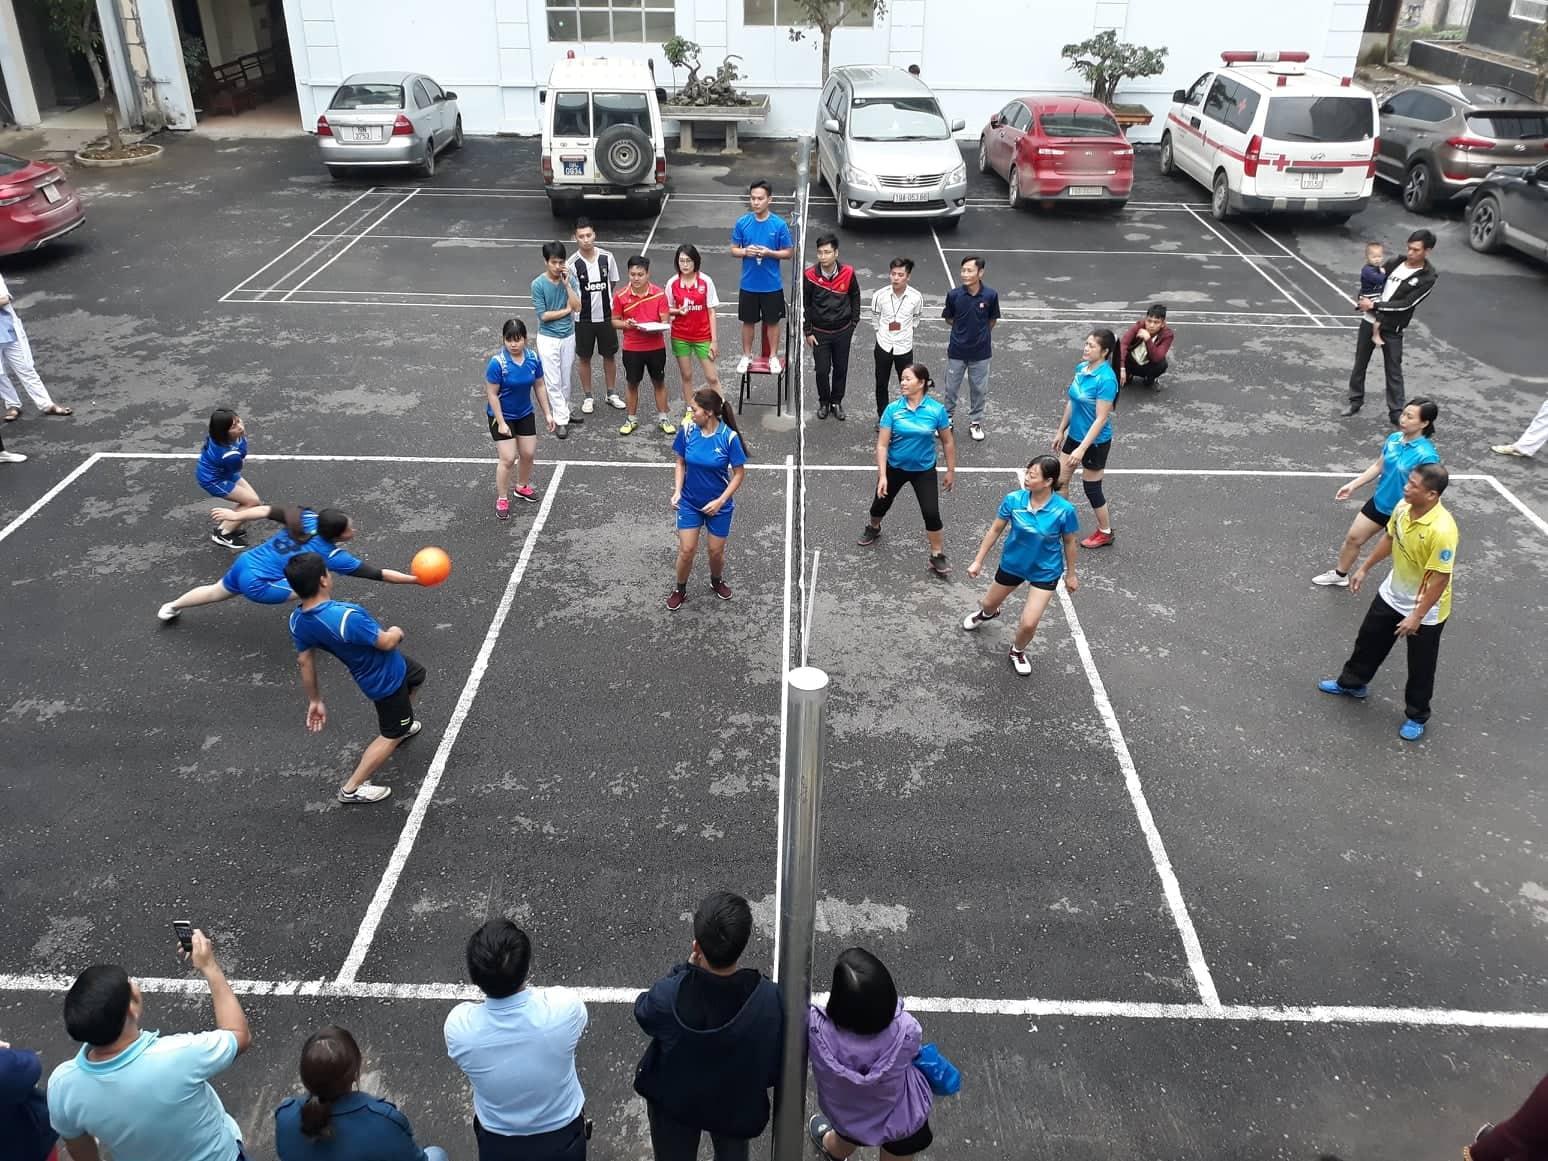 Giải bóng chuyền nữ kỉ niệm 109 năm ngày quốc tế phụ nữ tại trung tâm y tế huyện Cẩm Khê